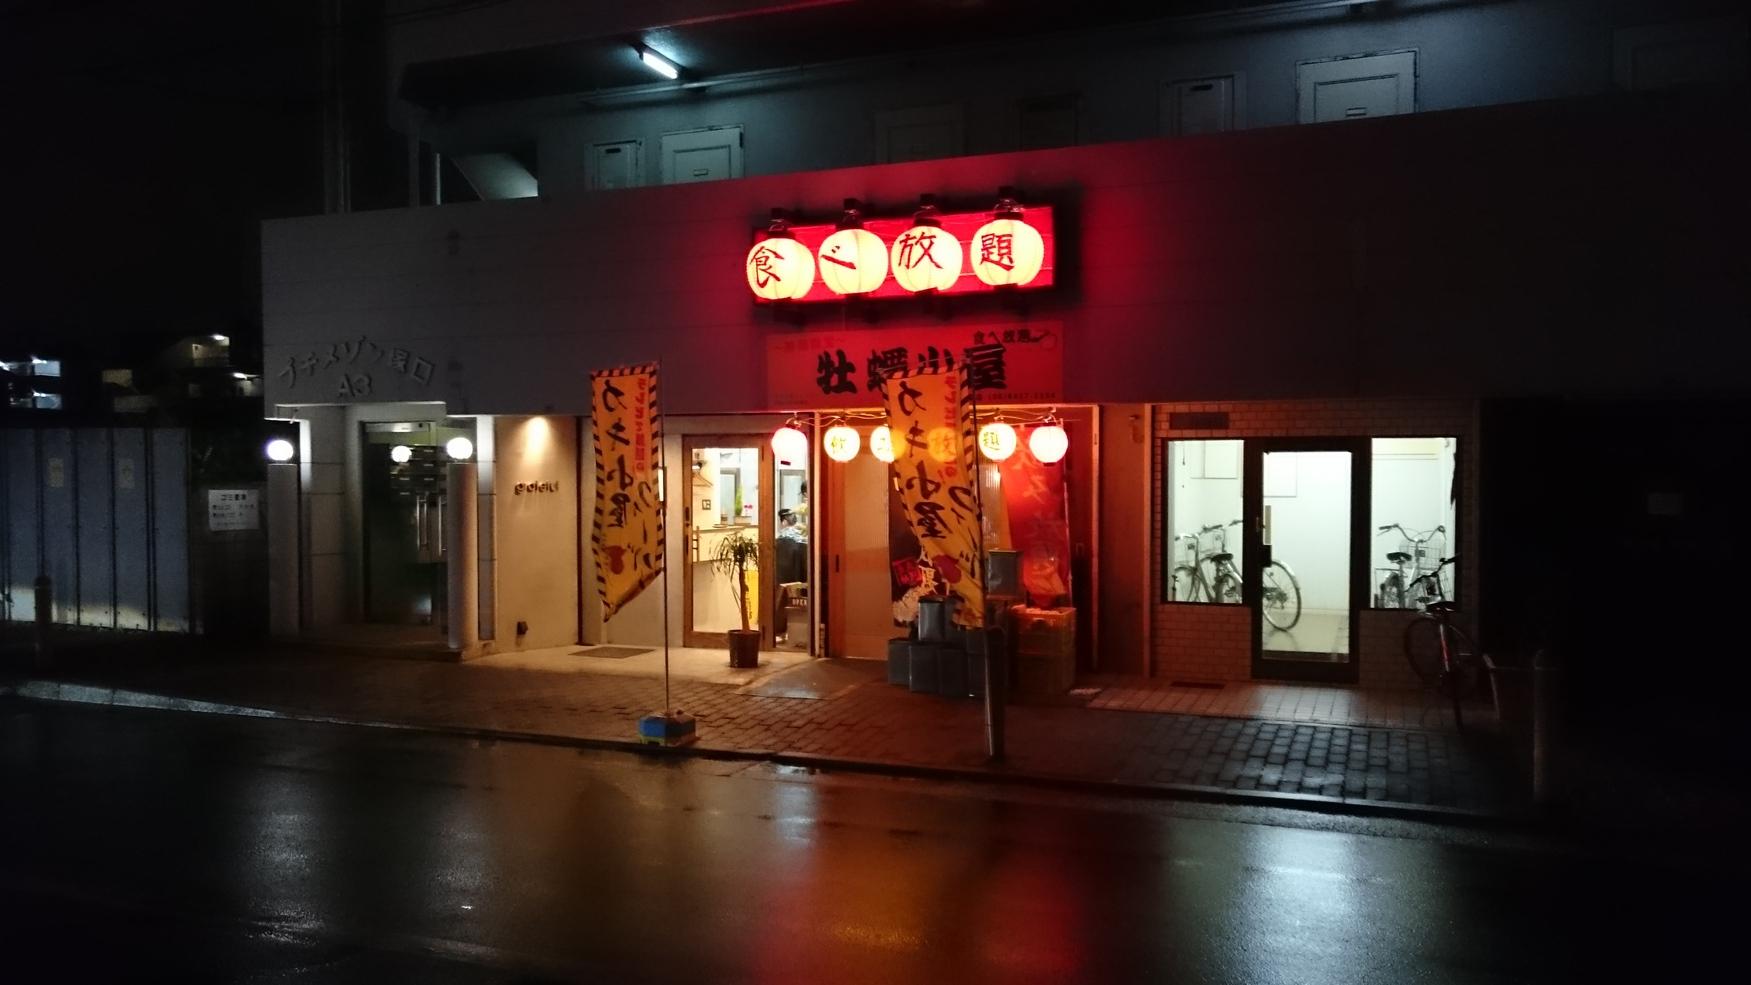 かき小屋フィーバー@BLUEJAWS 尼崎南塚口駅店